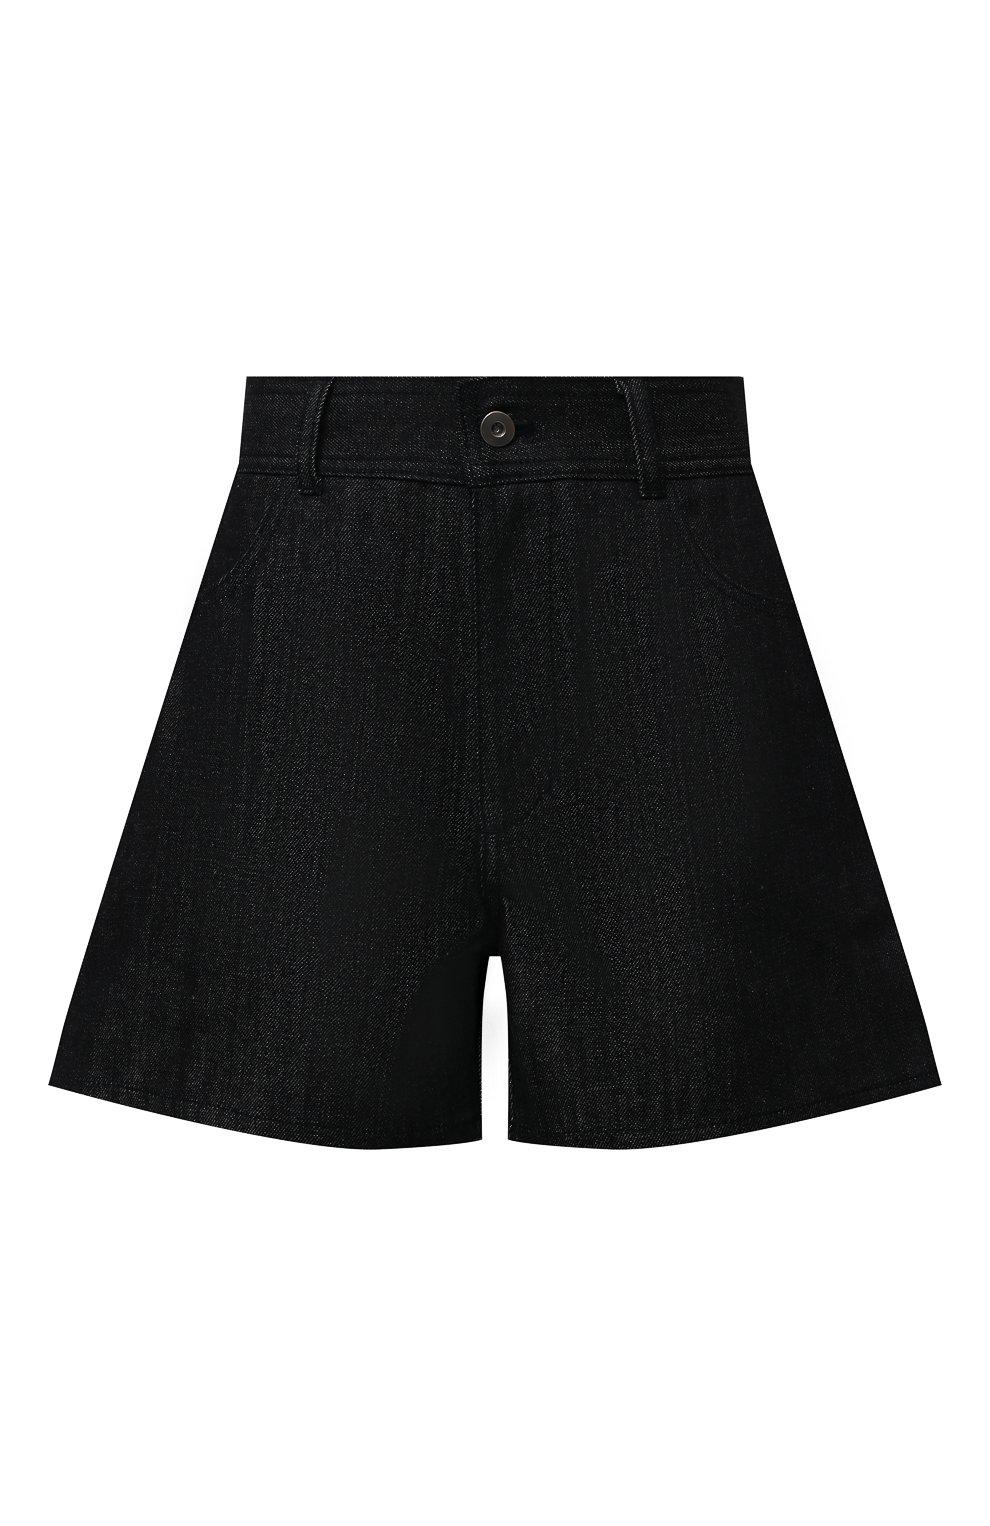 Женские джинсовые шорты JIL SANDER темно-синего цвета, арт. JPPS663122-WS246700 | Фото 1 (Женское Кросс-КТ: Шорты-одежда; Кросс-КТ: Деним; Длина Ж (юбки, платья, шорты): Мини; Материал внешний: Хлопок; Стили: Минимализм)